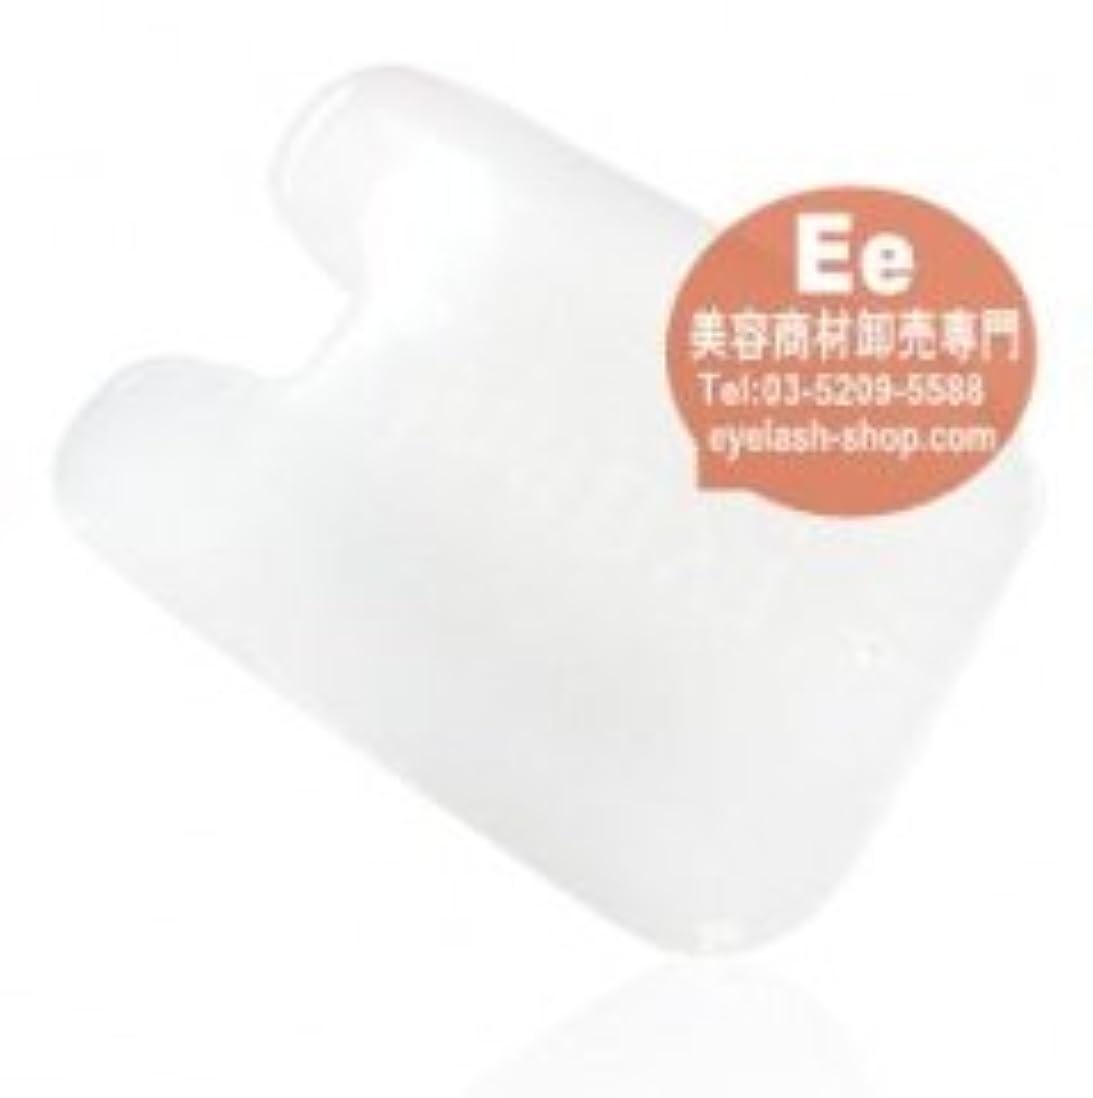 実施するシンカンモンクかっさ板 天然白玉ホワイトクォーツ美容カッサプレート GYB-2